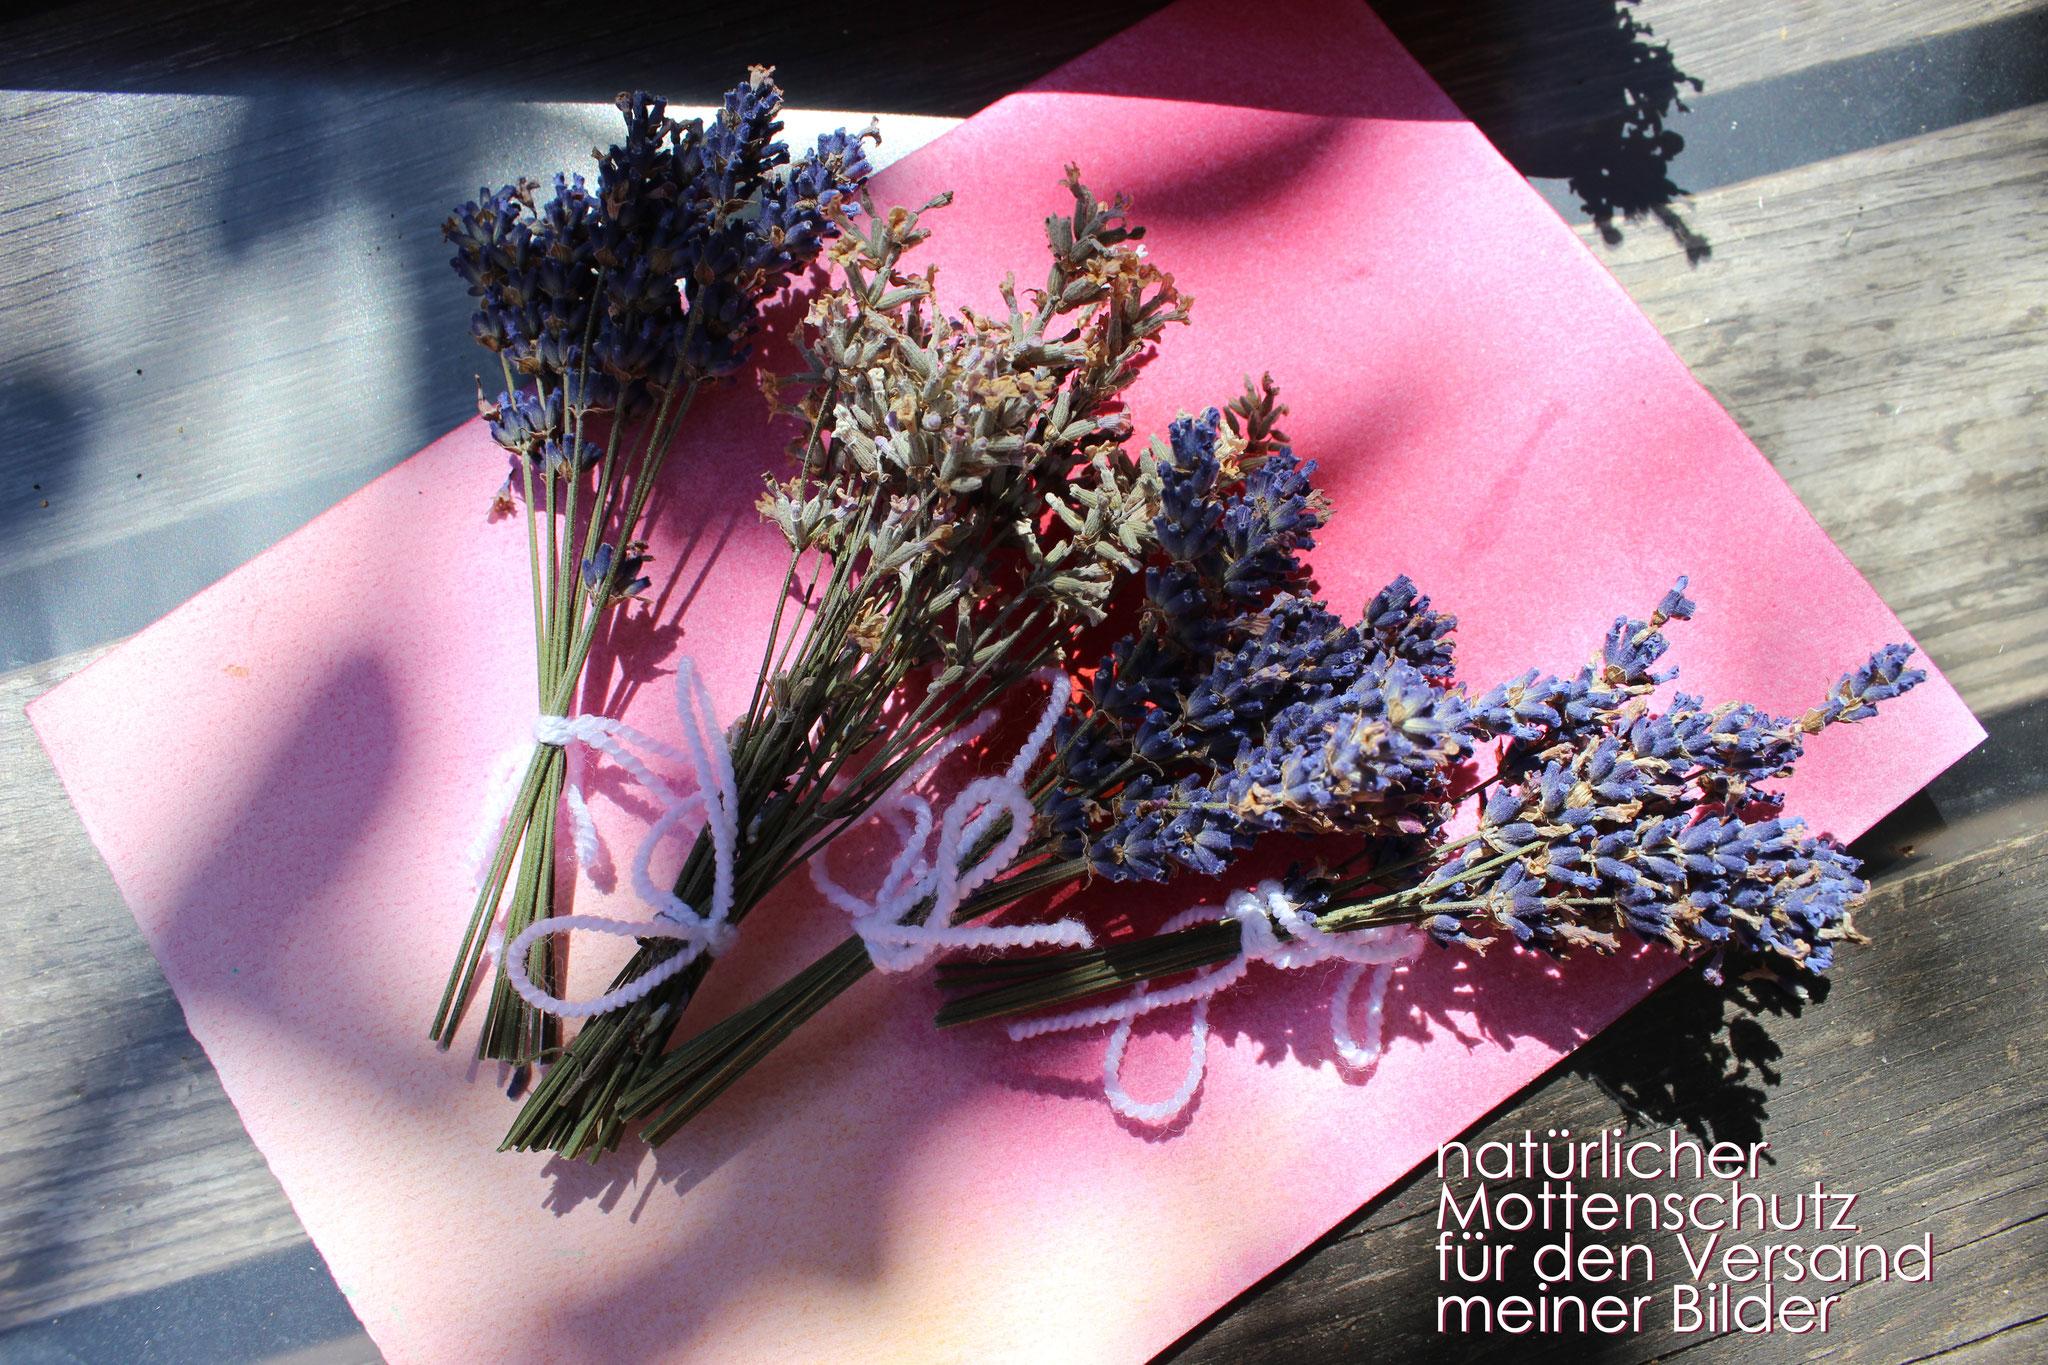 Regelmäßig mit Pflanzen und Blumen zu arbeiten, erdet und beruhigt